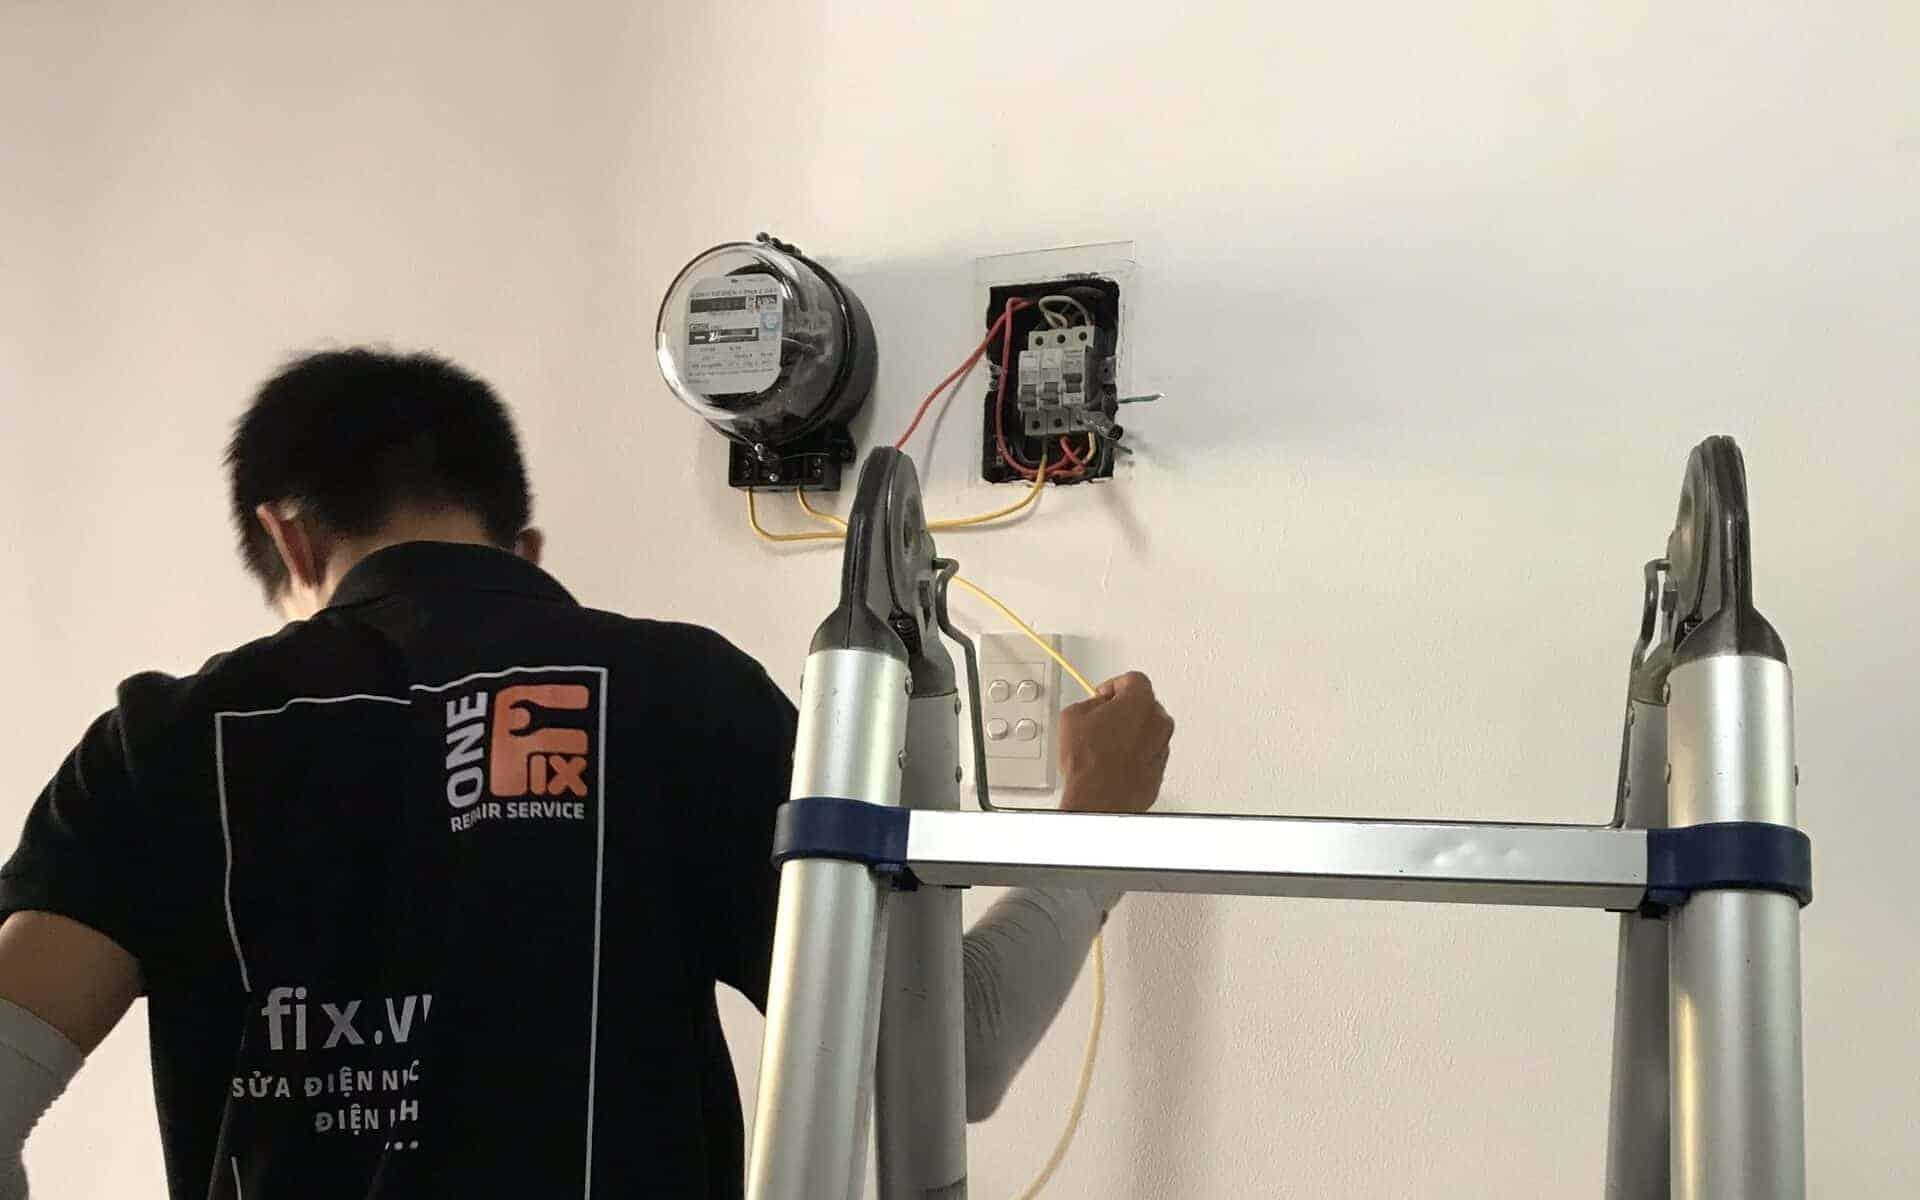 Cách đấu công tơ điện 1 pha gián tiếp